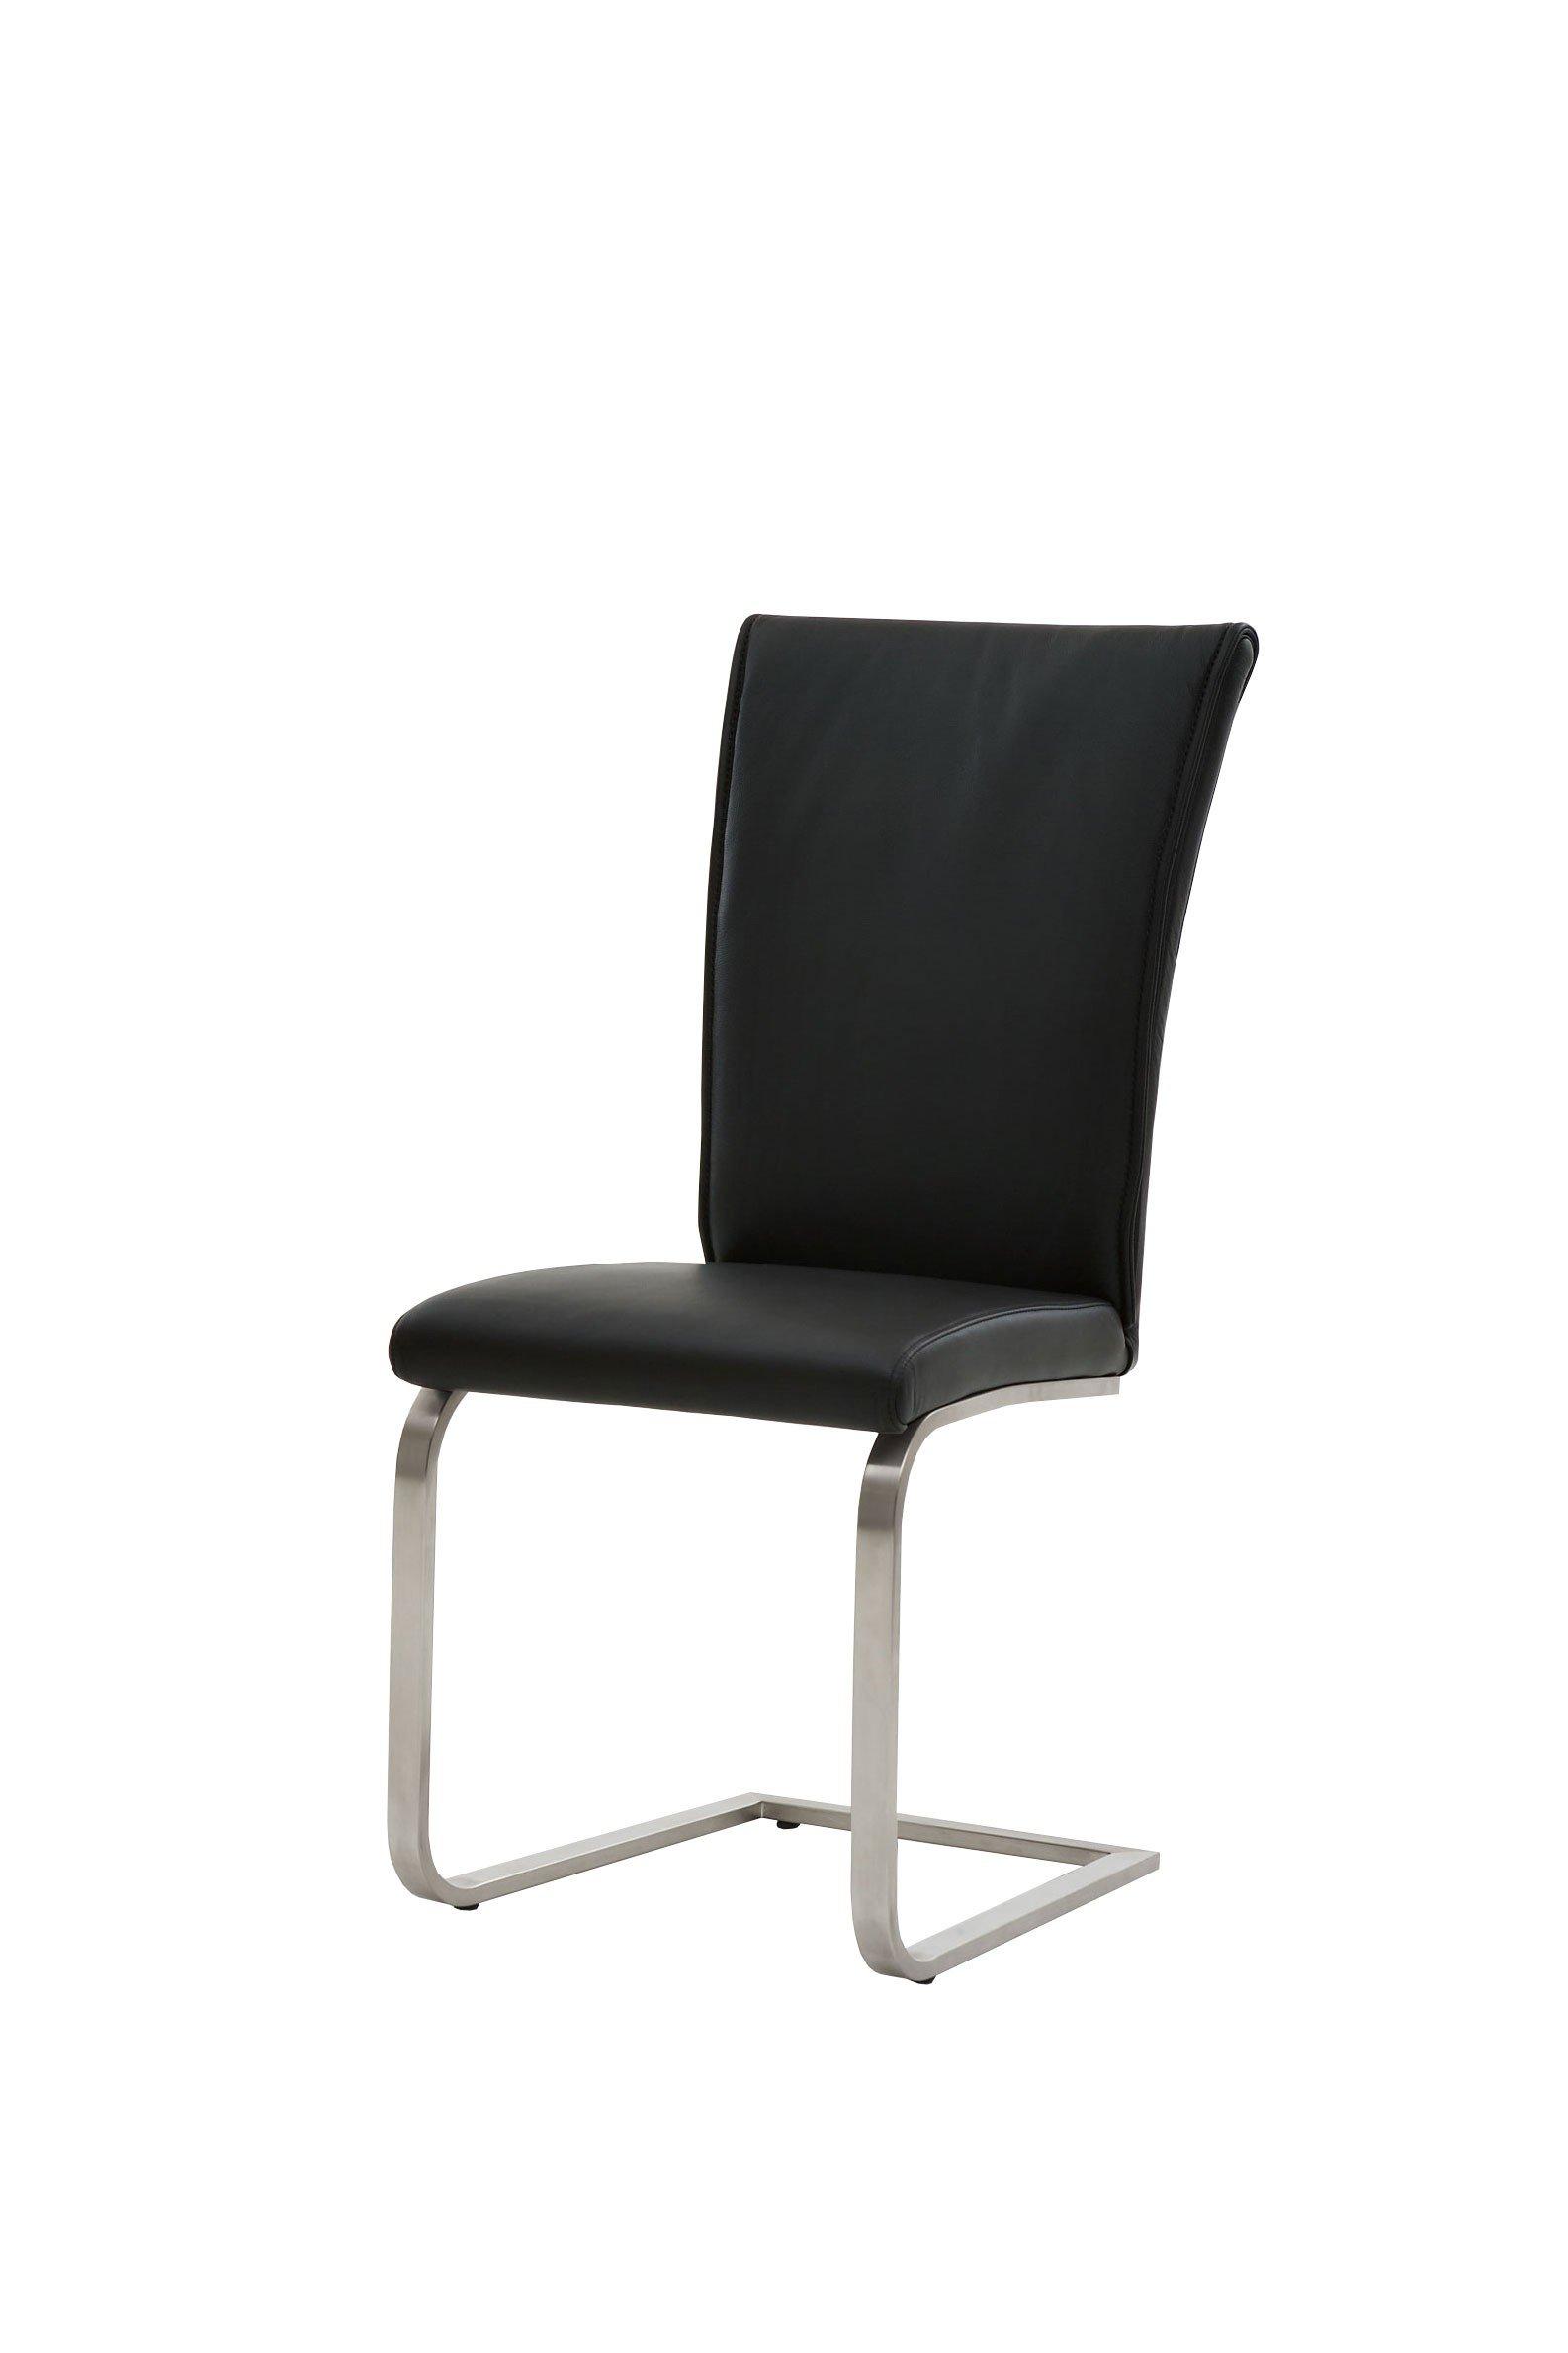 drehstuhl weiss esszimmer verschiedene ideen f r die raumgestaltung inspiration. Black Bedroom Furniture Sets. Home Design Ideas